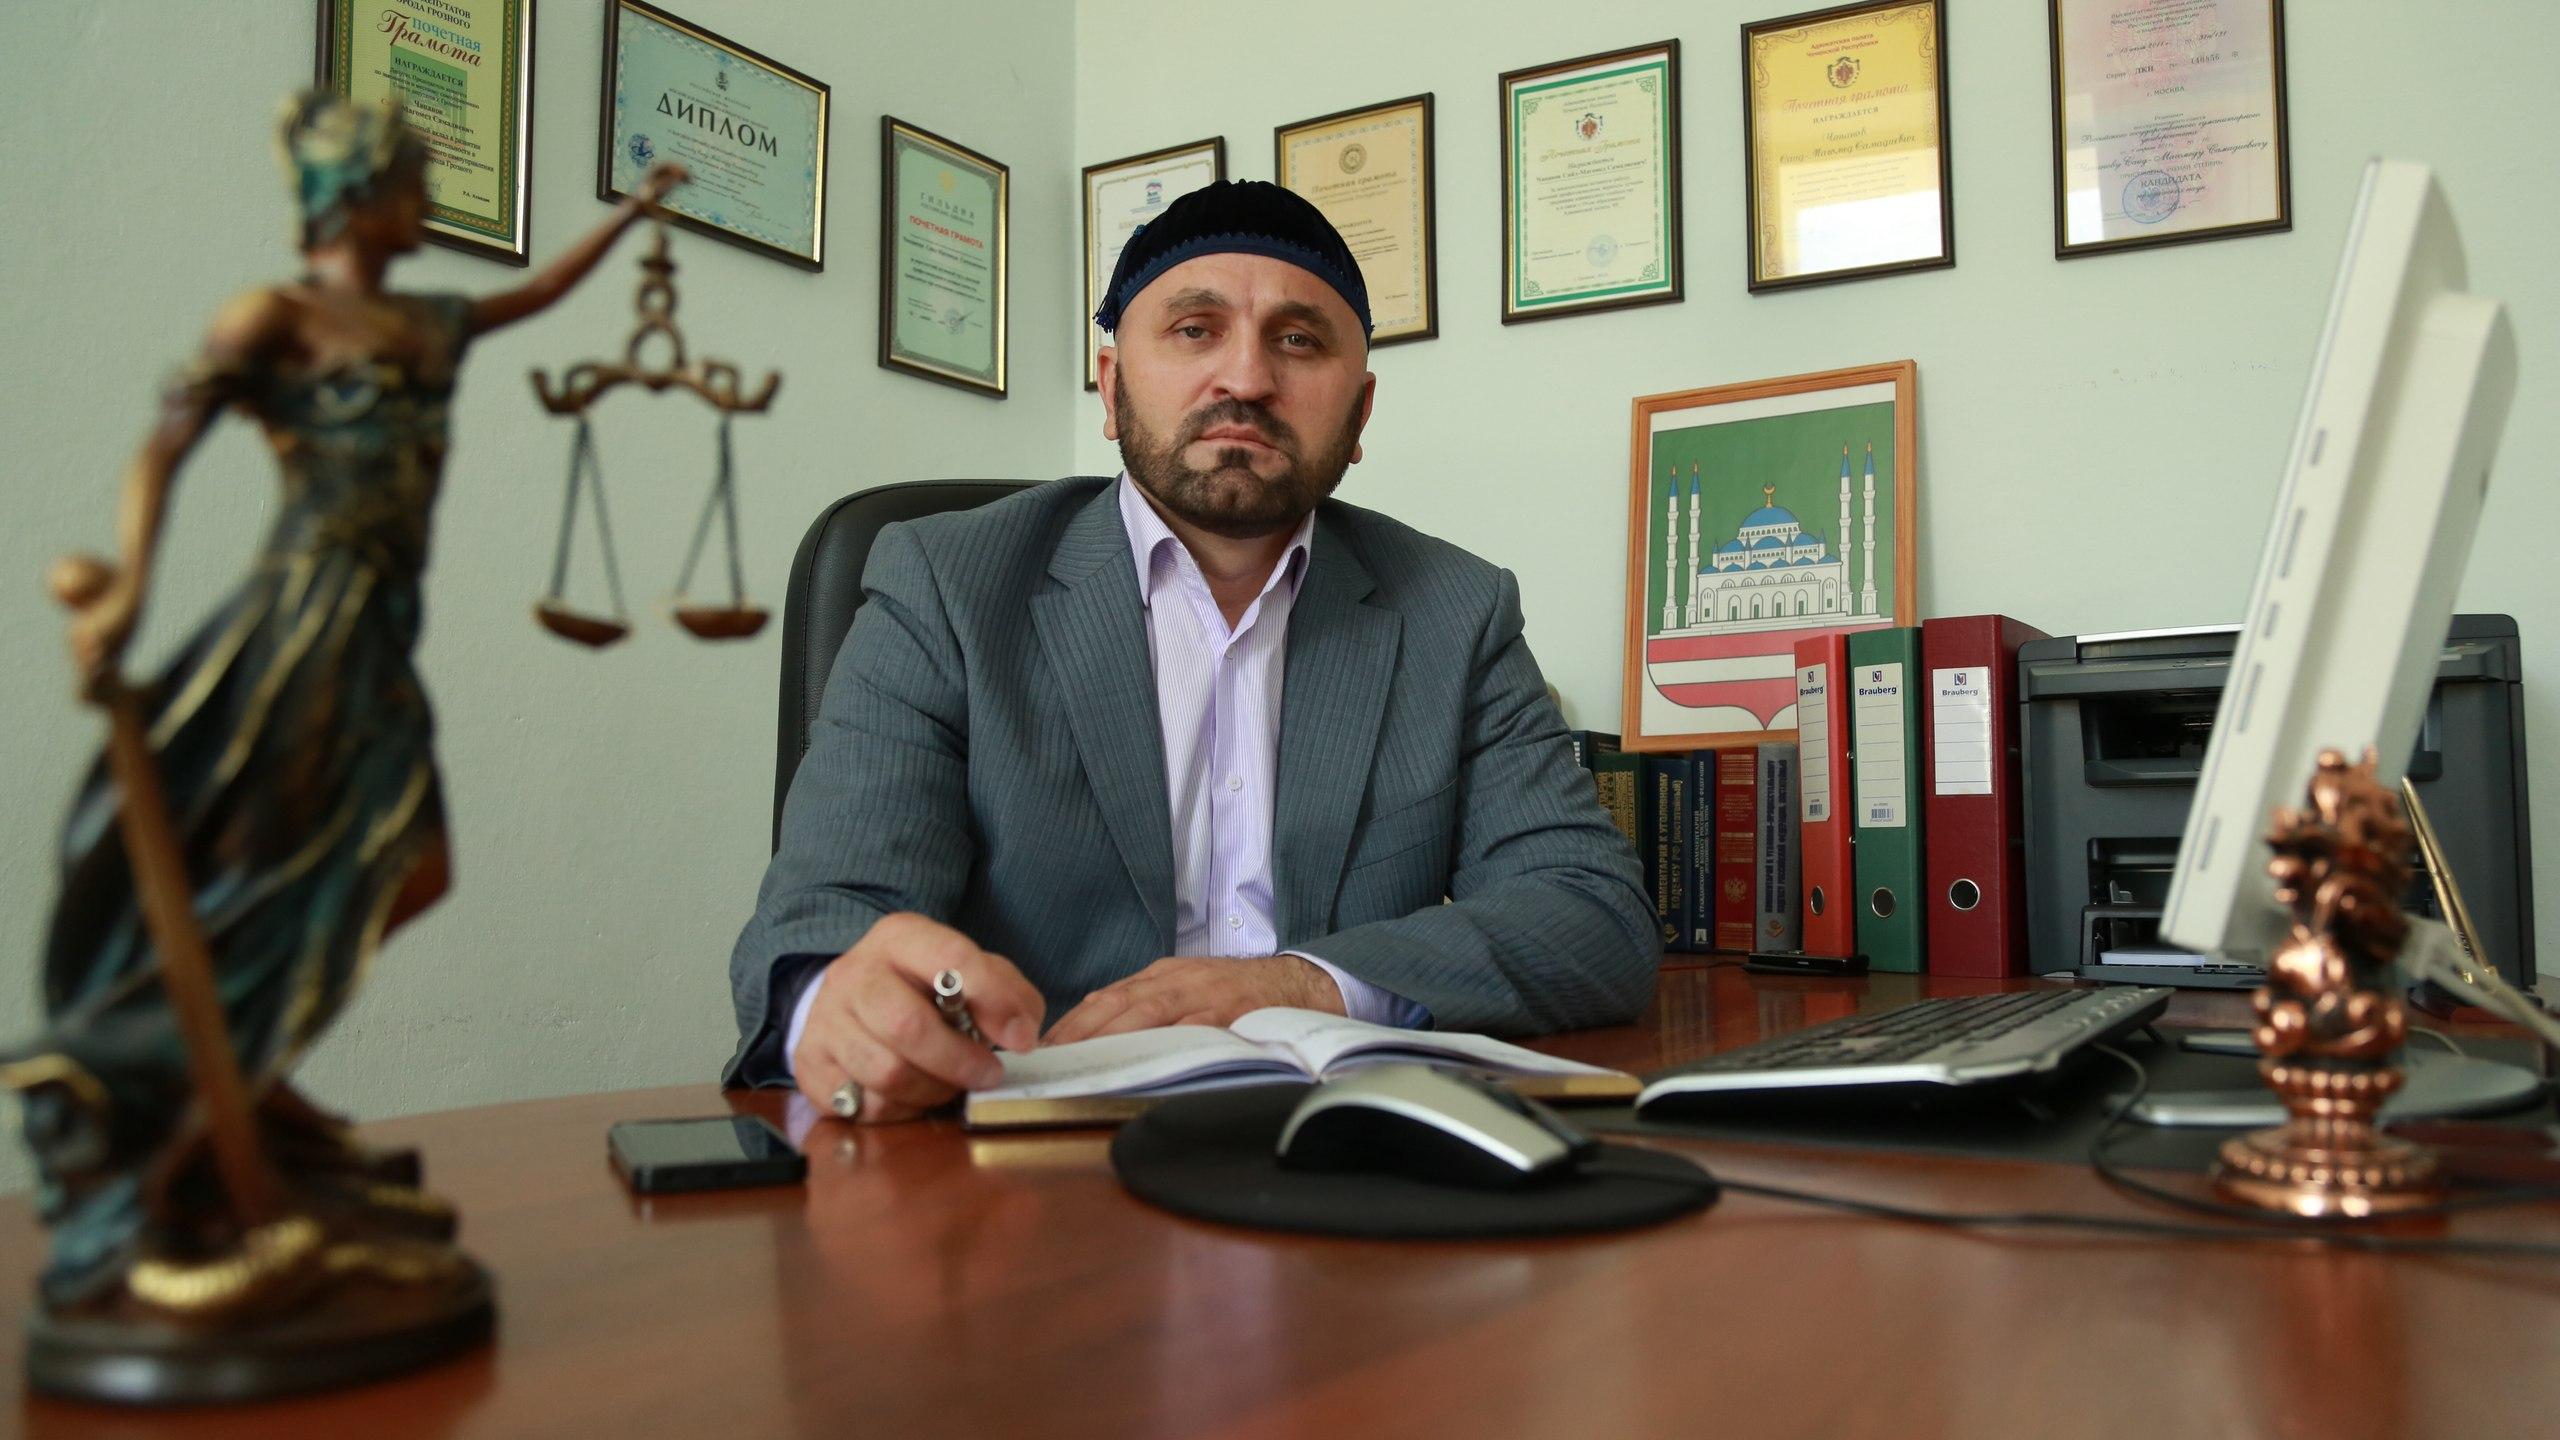 Саид-Магомед Чапанов и группа адвокатов готовит иск по делу о хиджабах в Мордовии